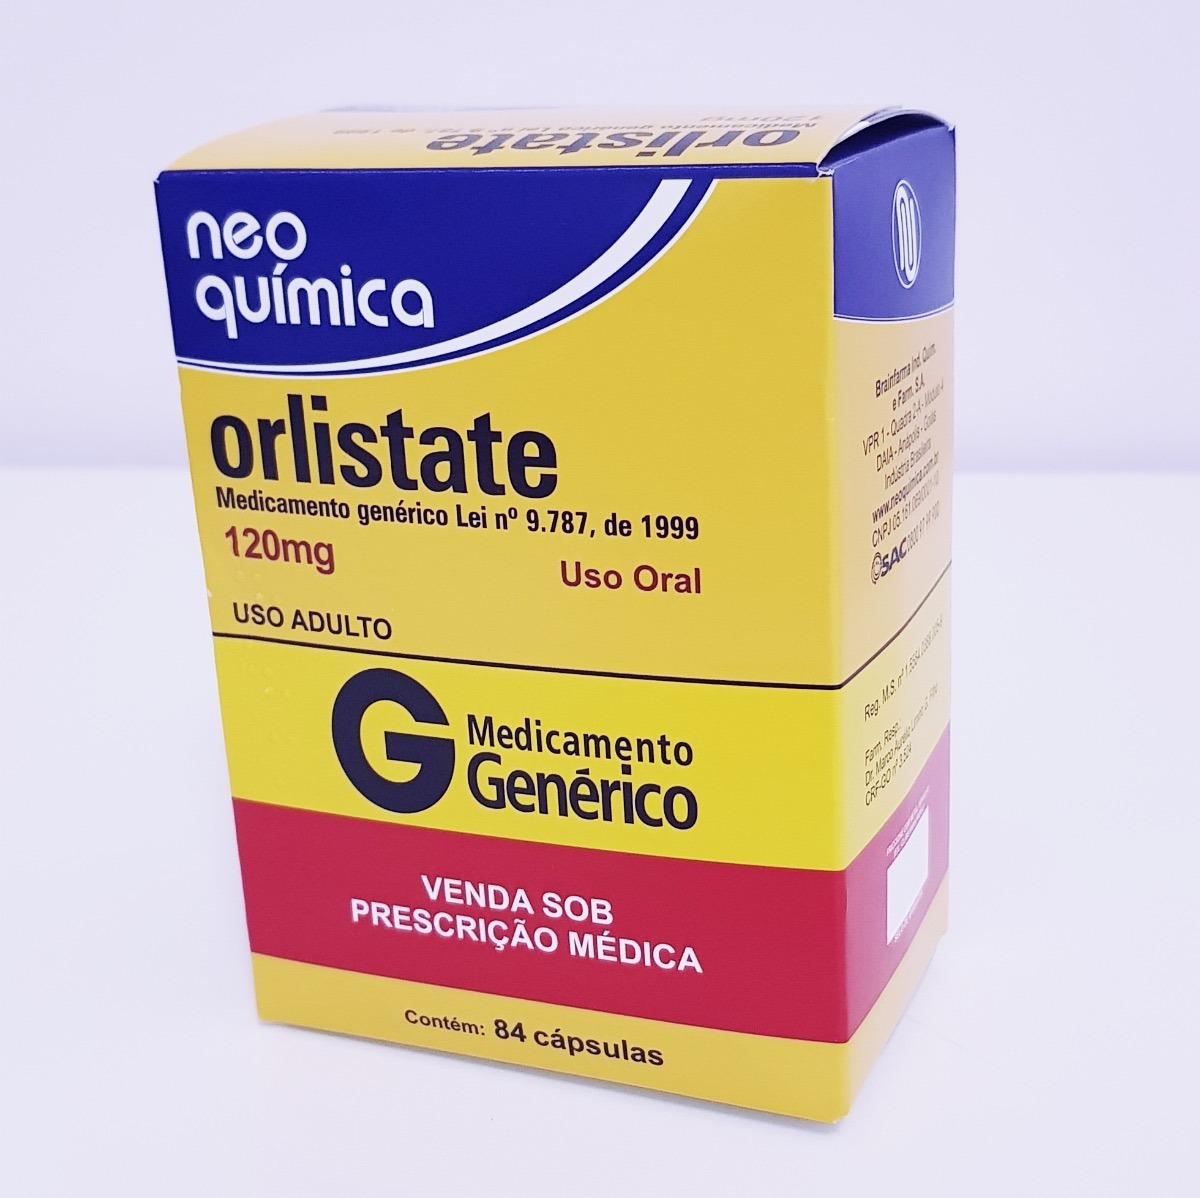 Frasco aberto com pílulas metade branca e metade vermelha ilustrando Orlistate Bula